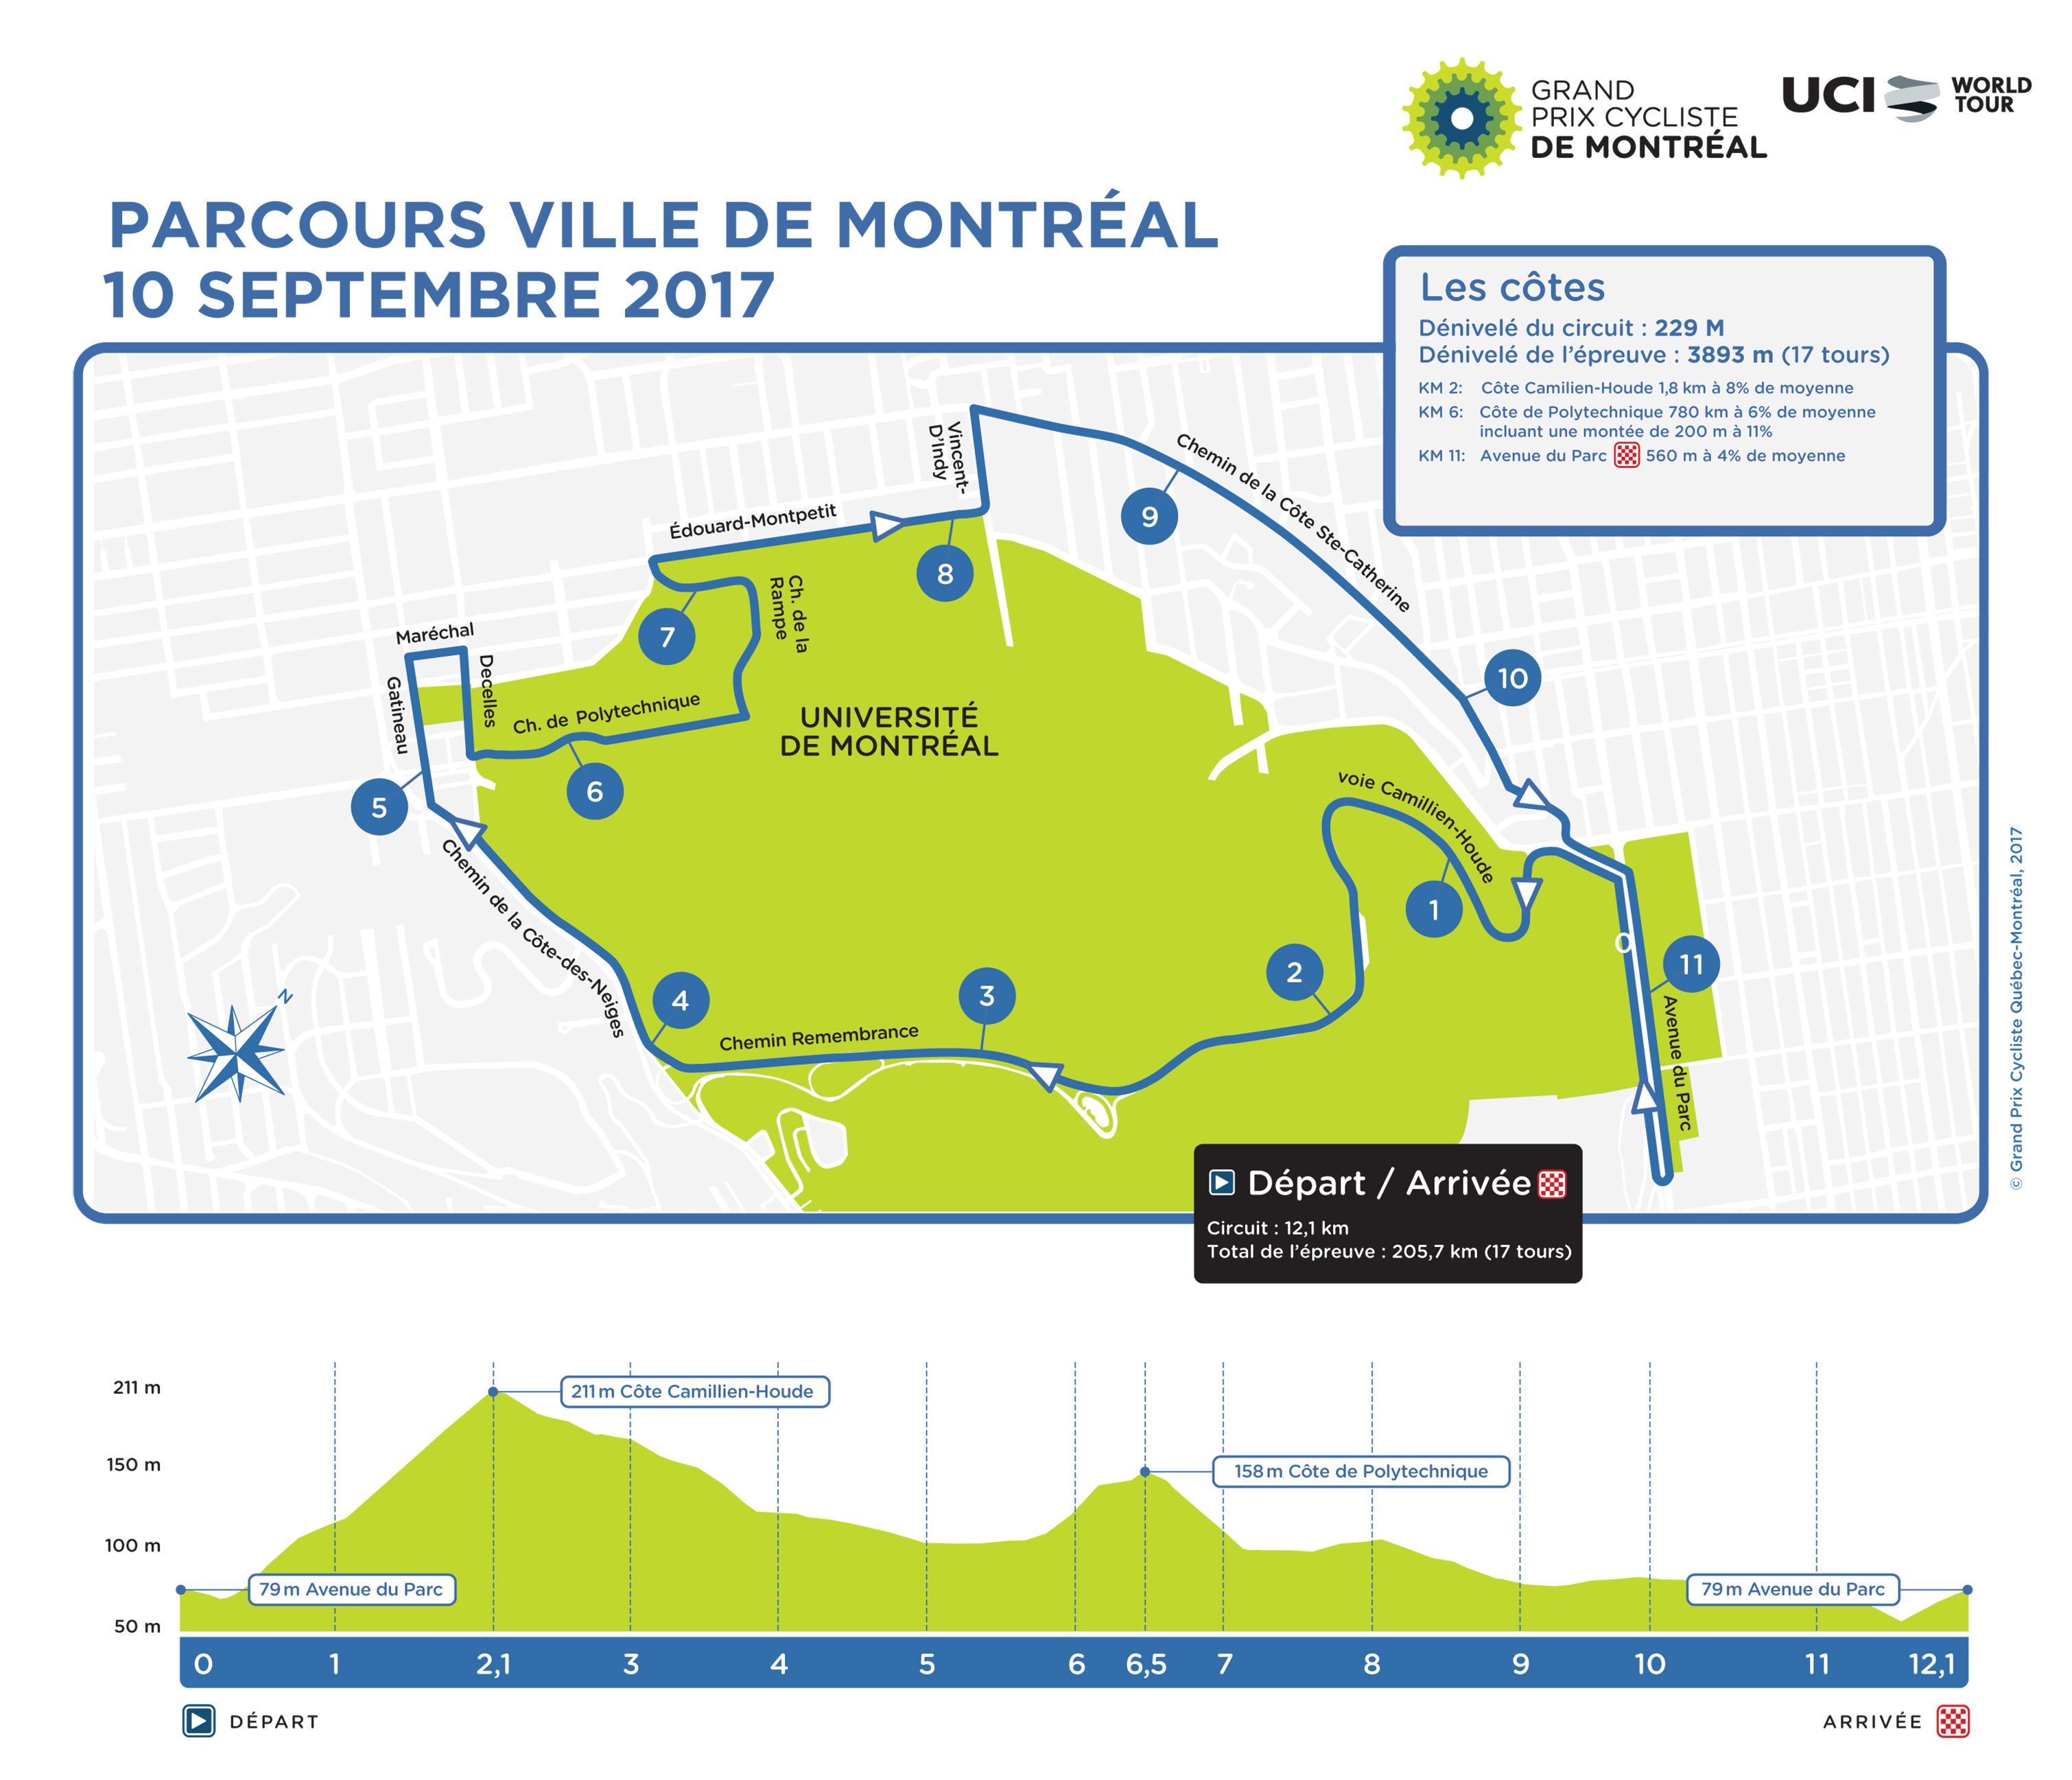 Grand Prix Cycliste de Montréal GPC_MTL_PARCOURS_FR_2017-1